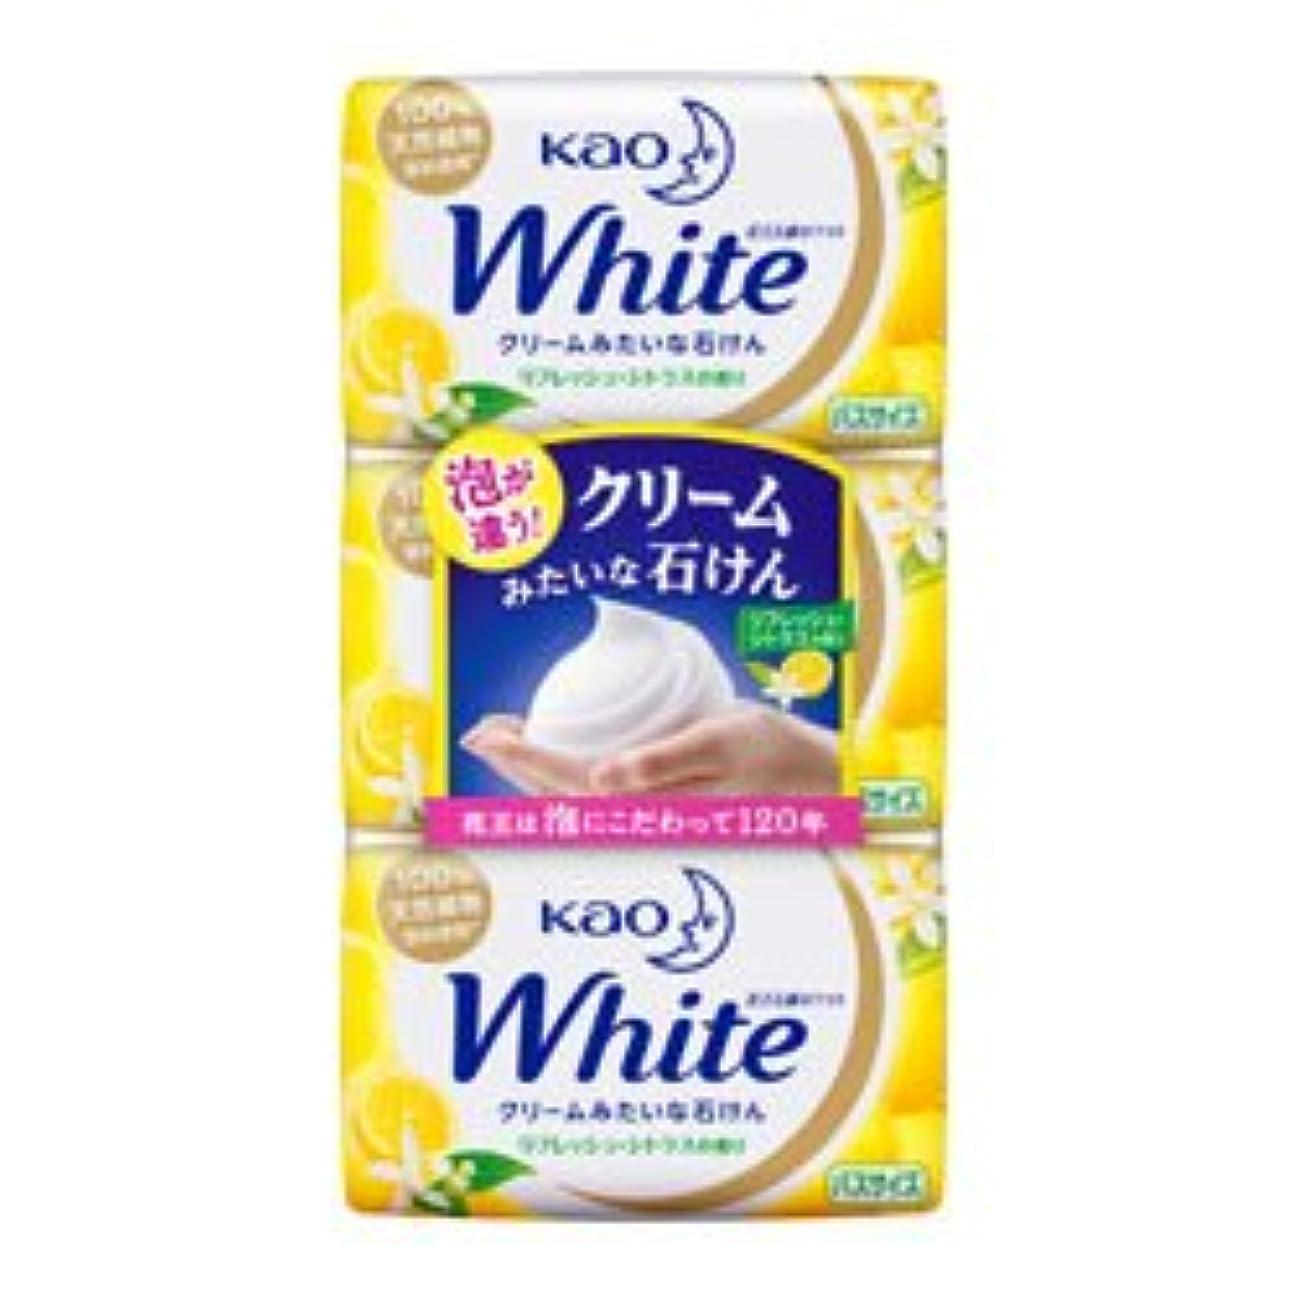 炭素思想抑圧【花王】ホワイト リフレッシュ?シトラスの香り バスサイズ 130g×3個入 ×20個セット